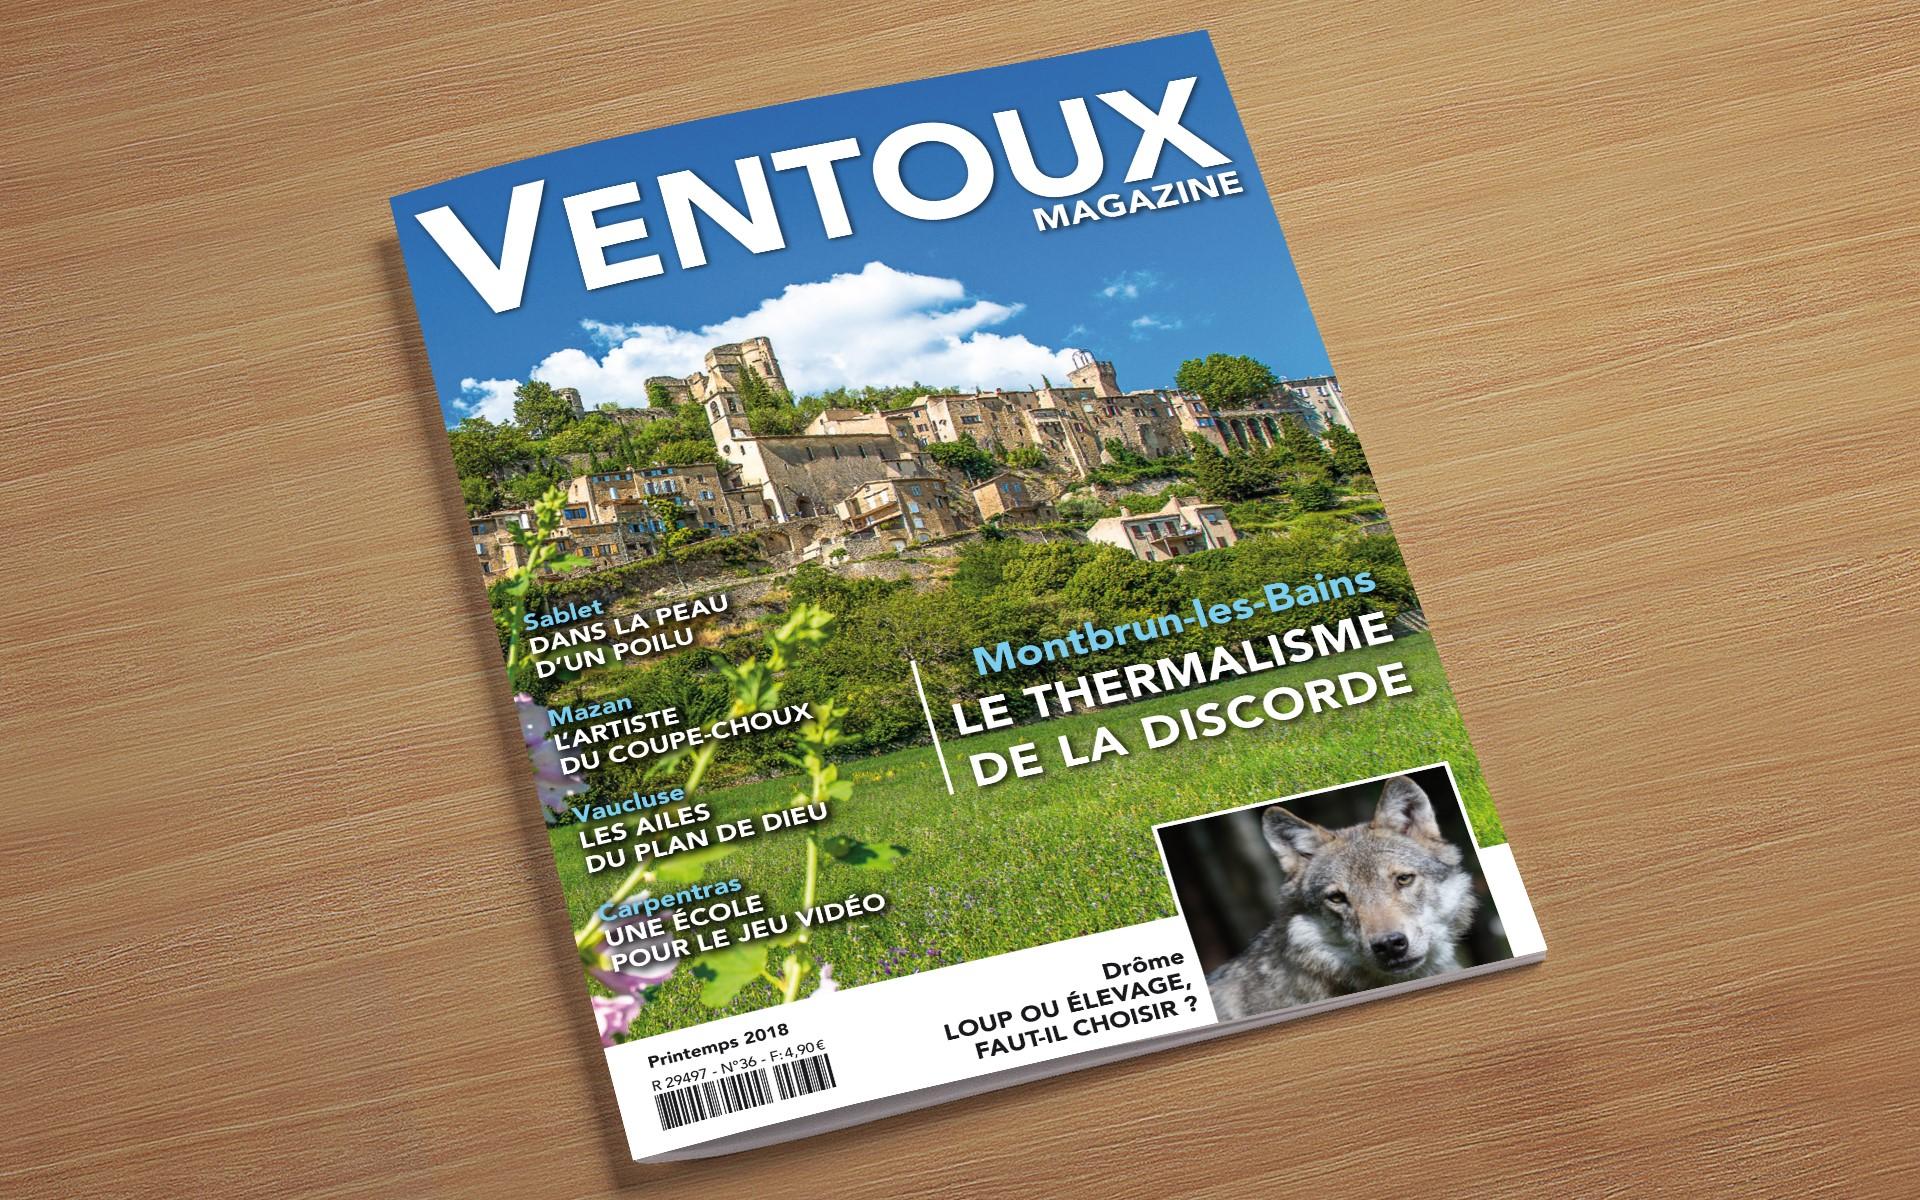 Le Ventoux Magazine 36 est paru !